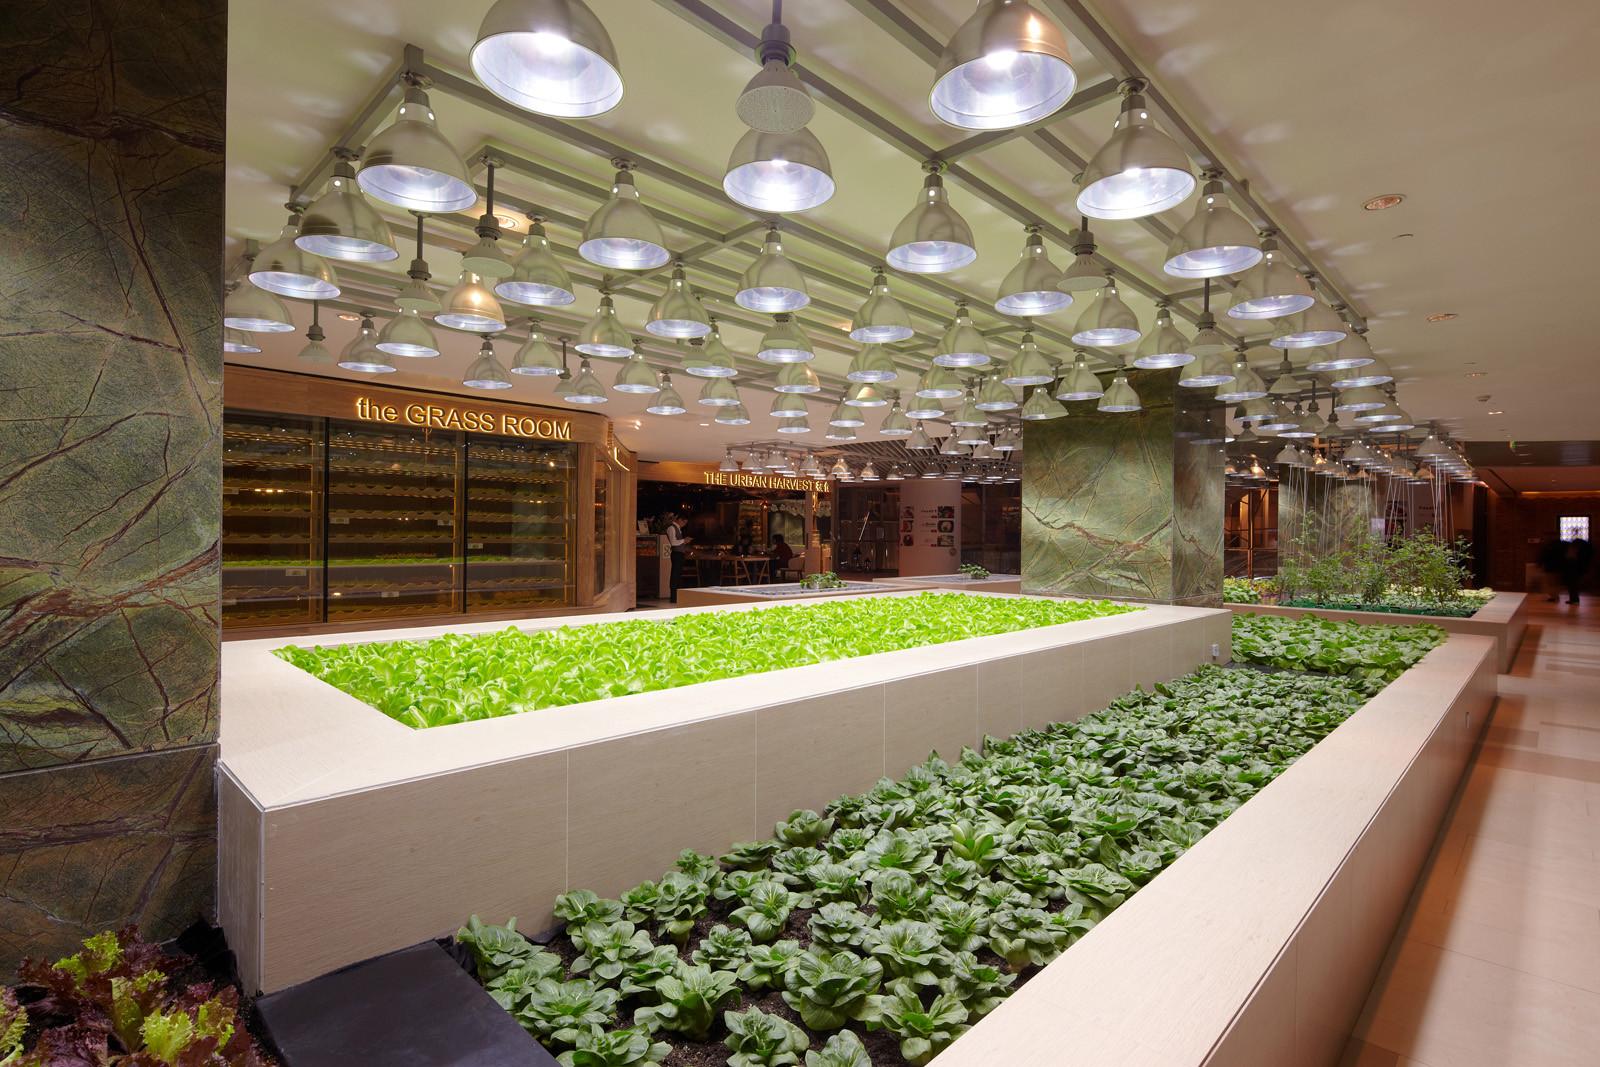 K11 art mall shanghai kokaistudios archdaily for 400 garden city plaza